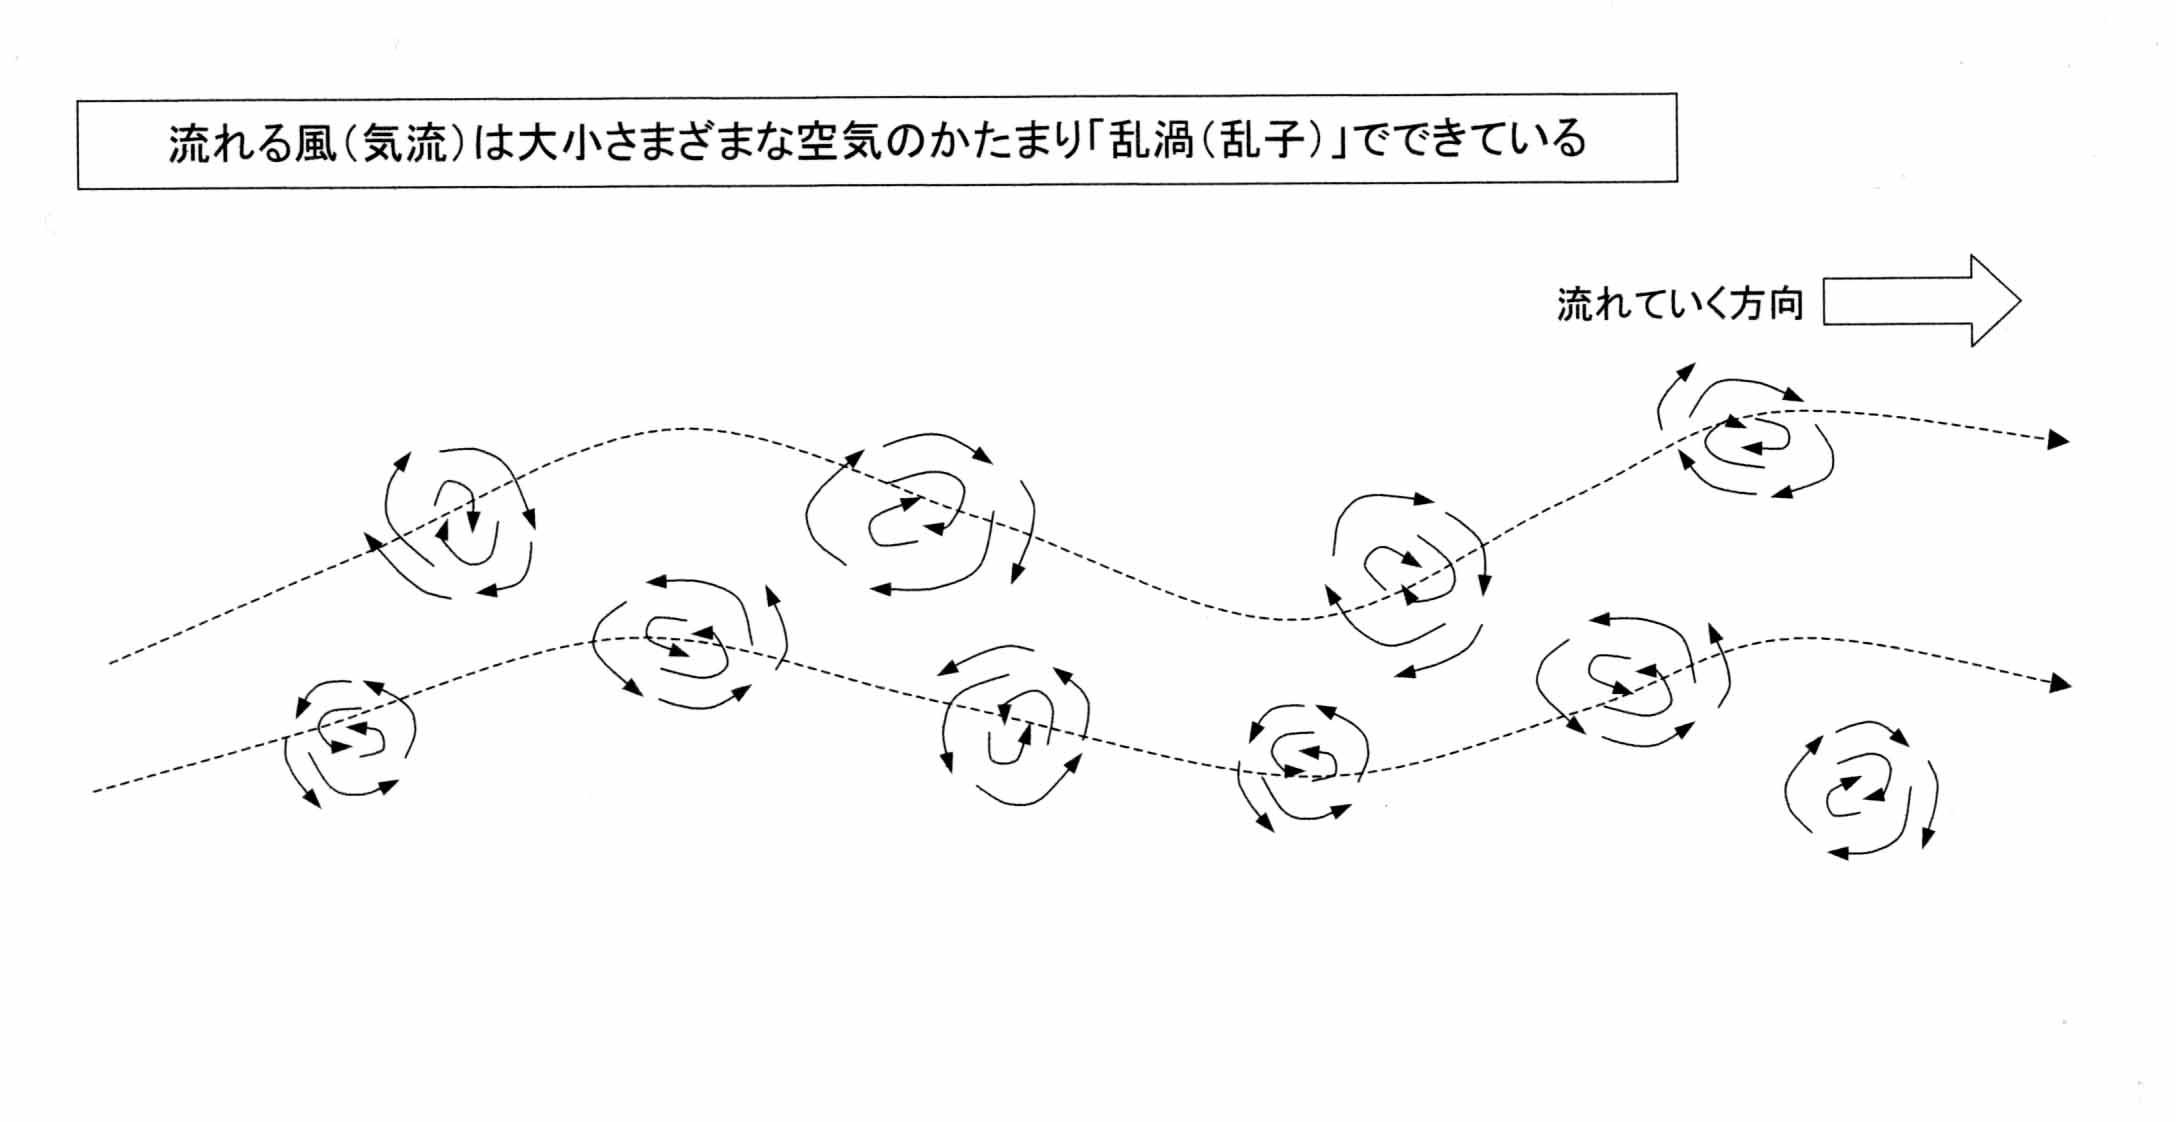 図面 気流の流れと乱渦(イメージ)